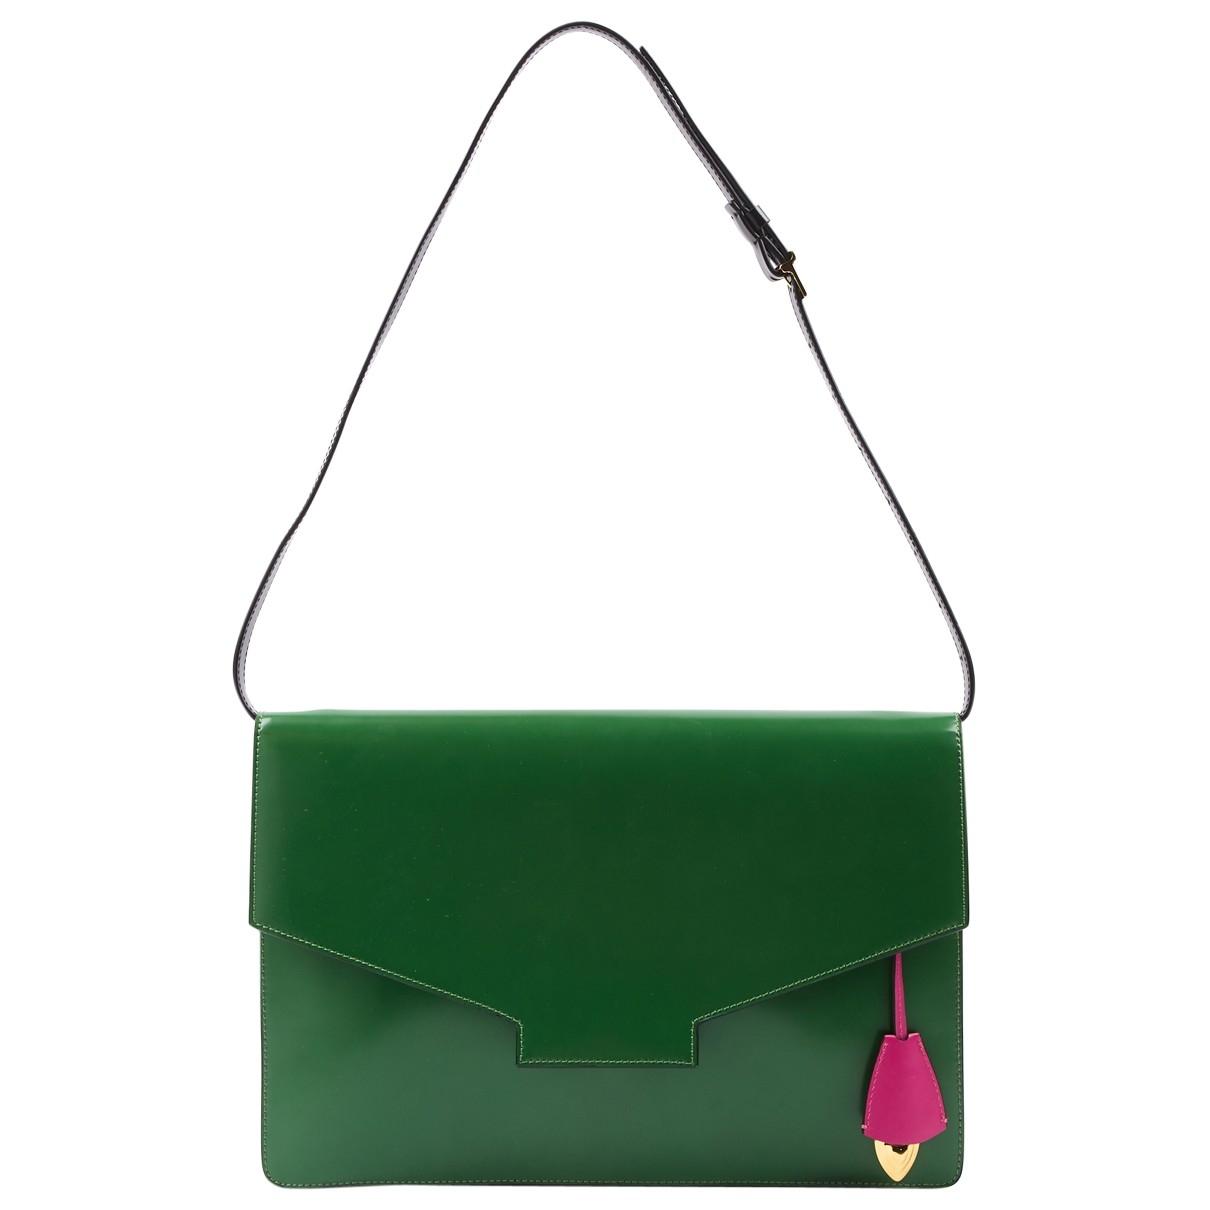 Escada \N Green Leather handbag for Women \N